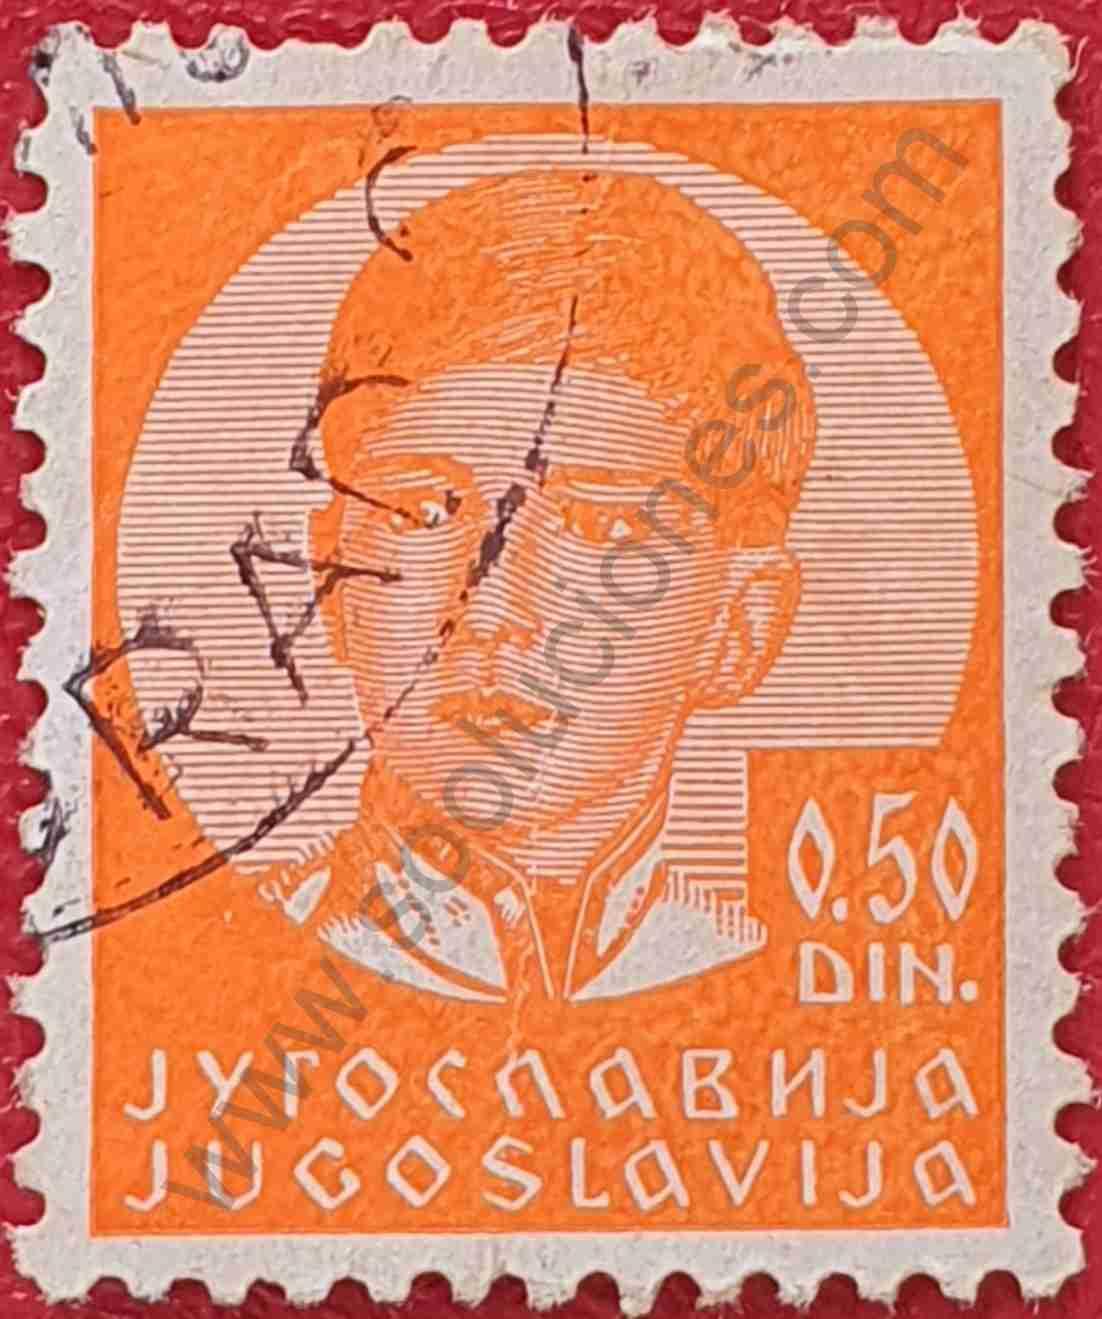 Sello Rey Pedro II - Yugoslavia 1935 0,50 din